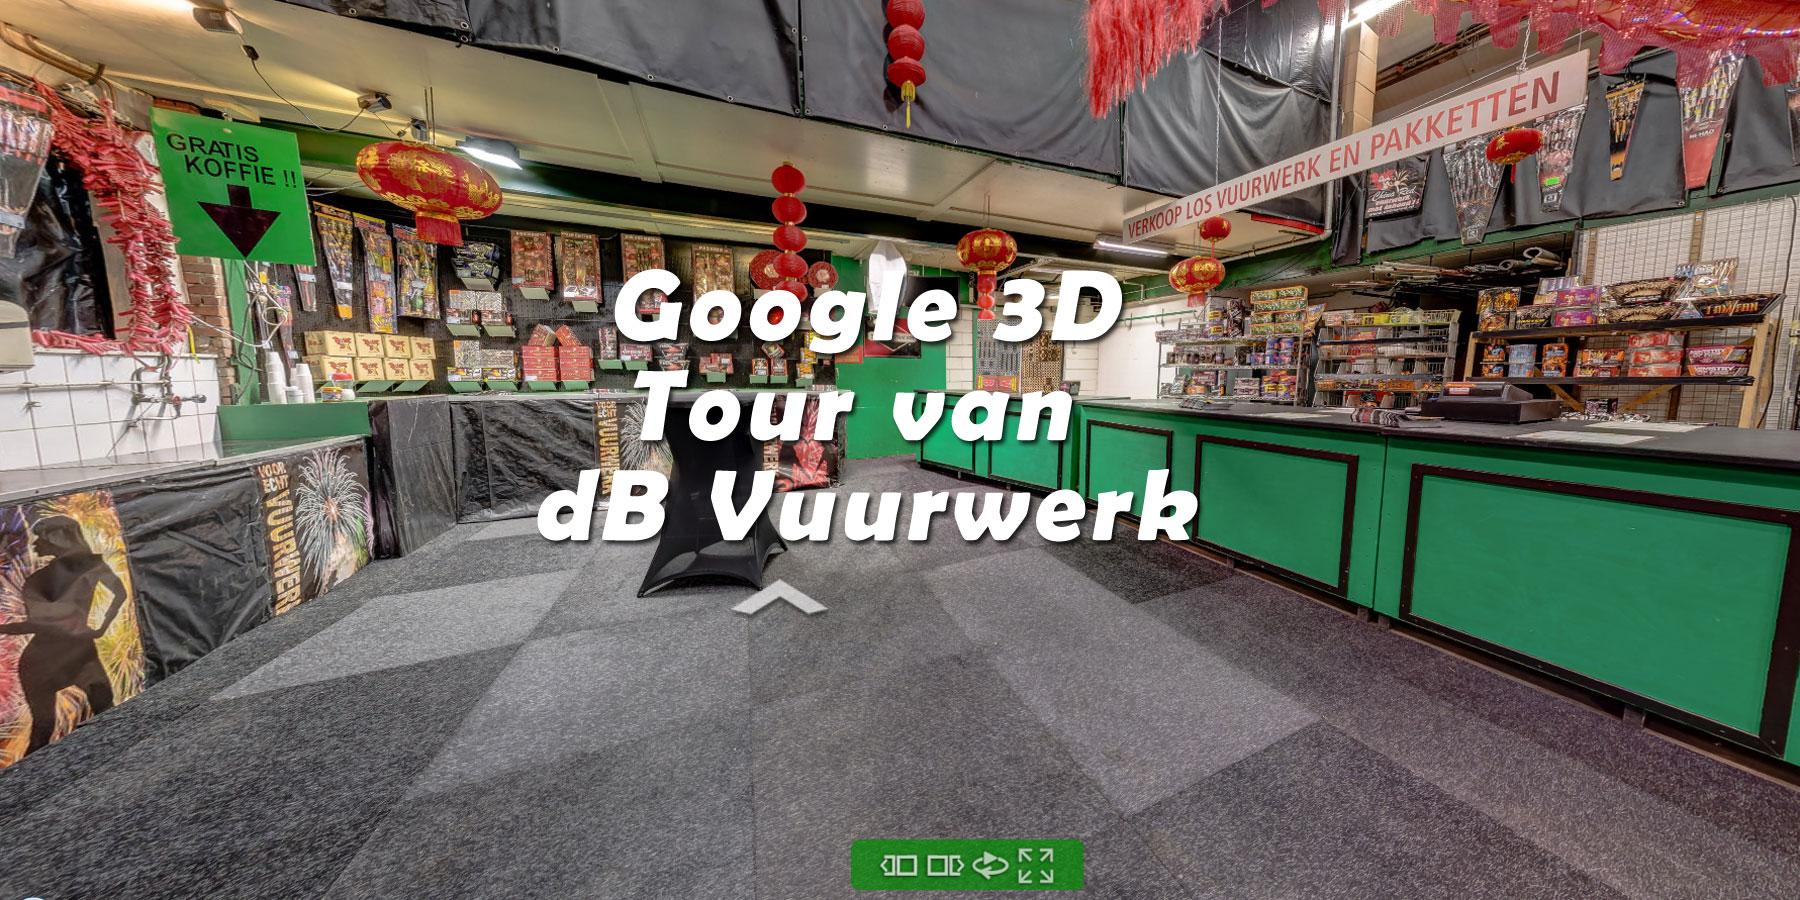 Google 3d-tour dB Vuurwerk